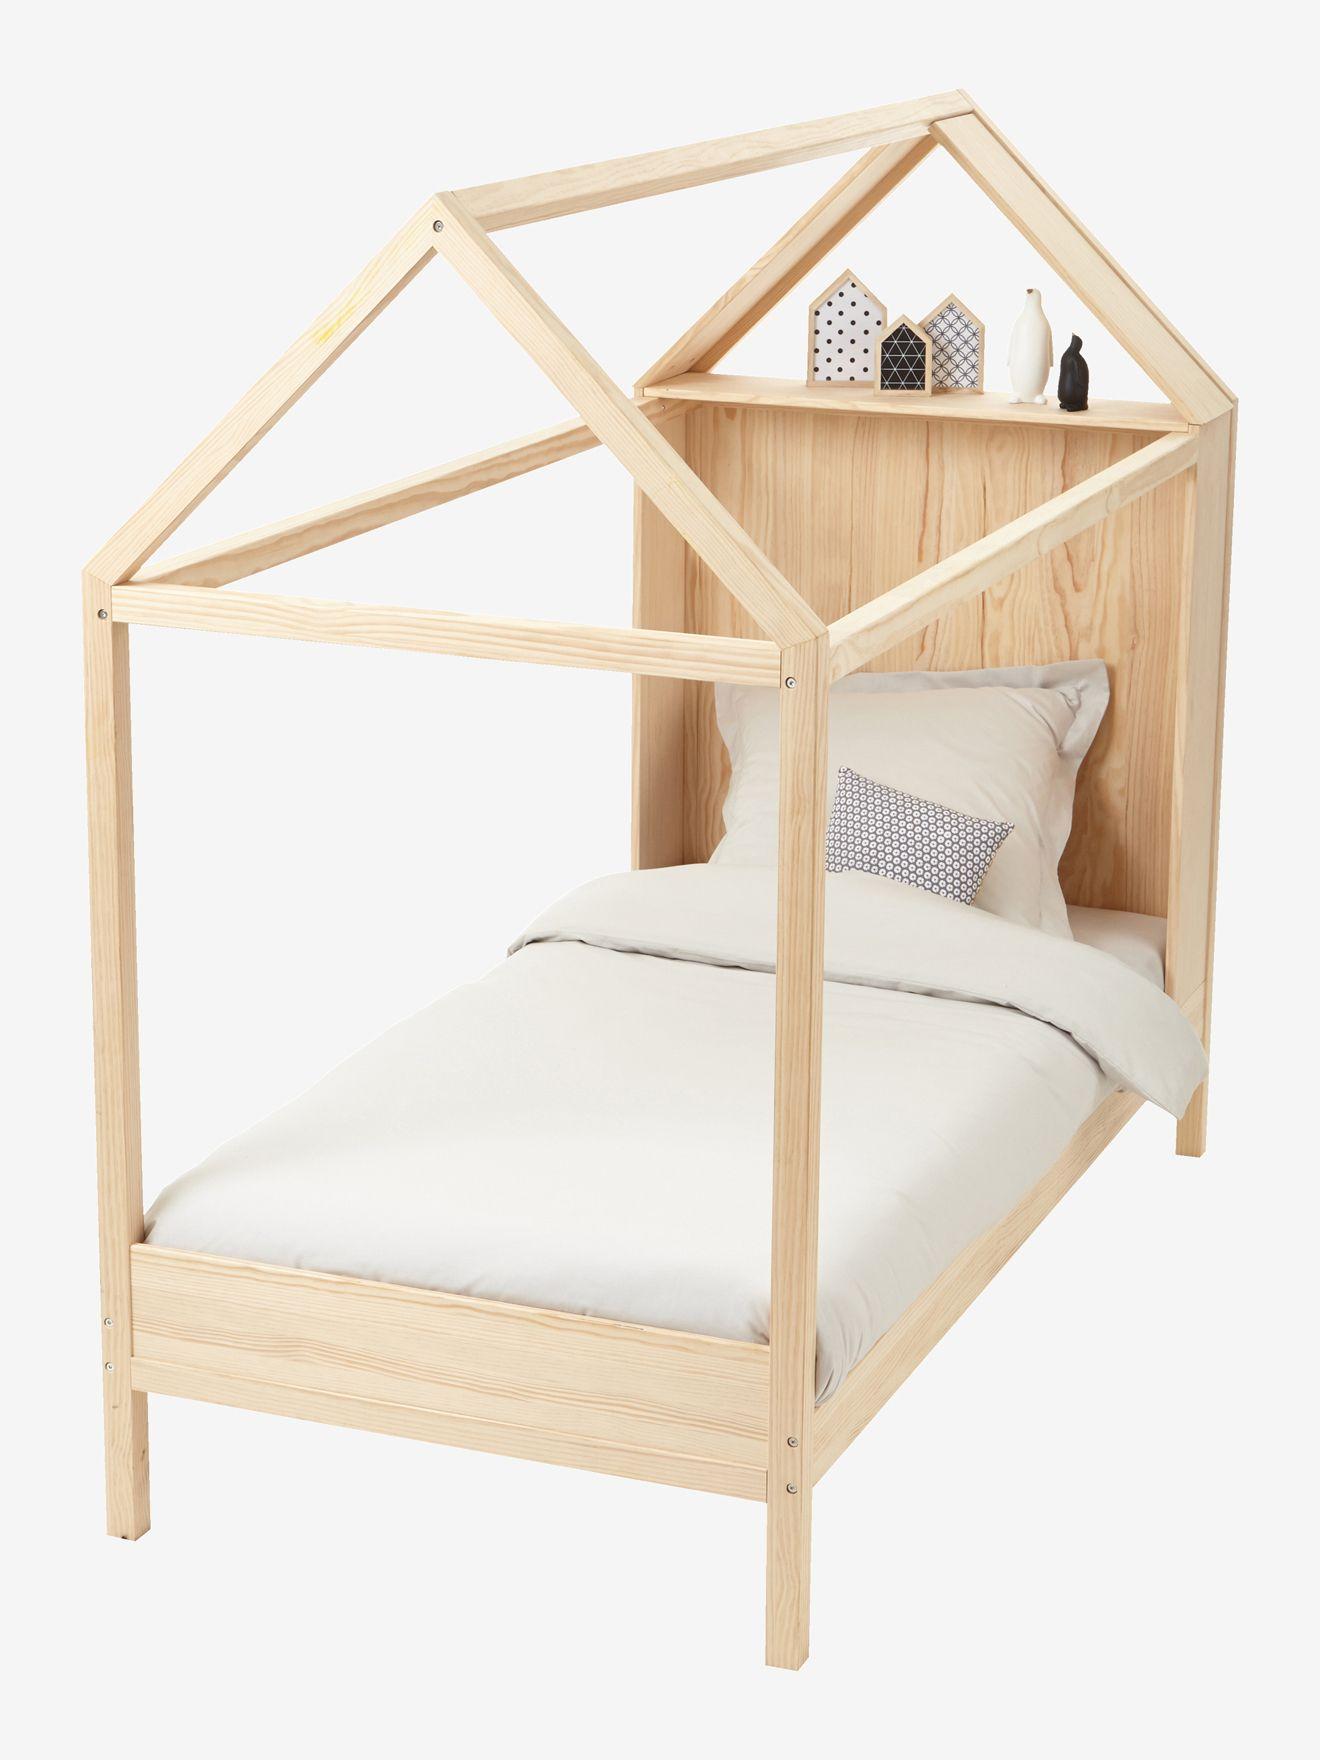 Lit cabane en bois - bois | Chambre Enfant / Kid Bedroom | Lit ...